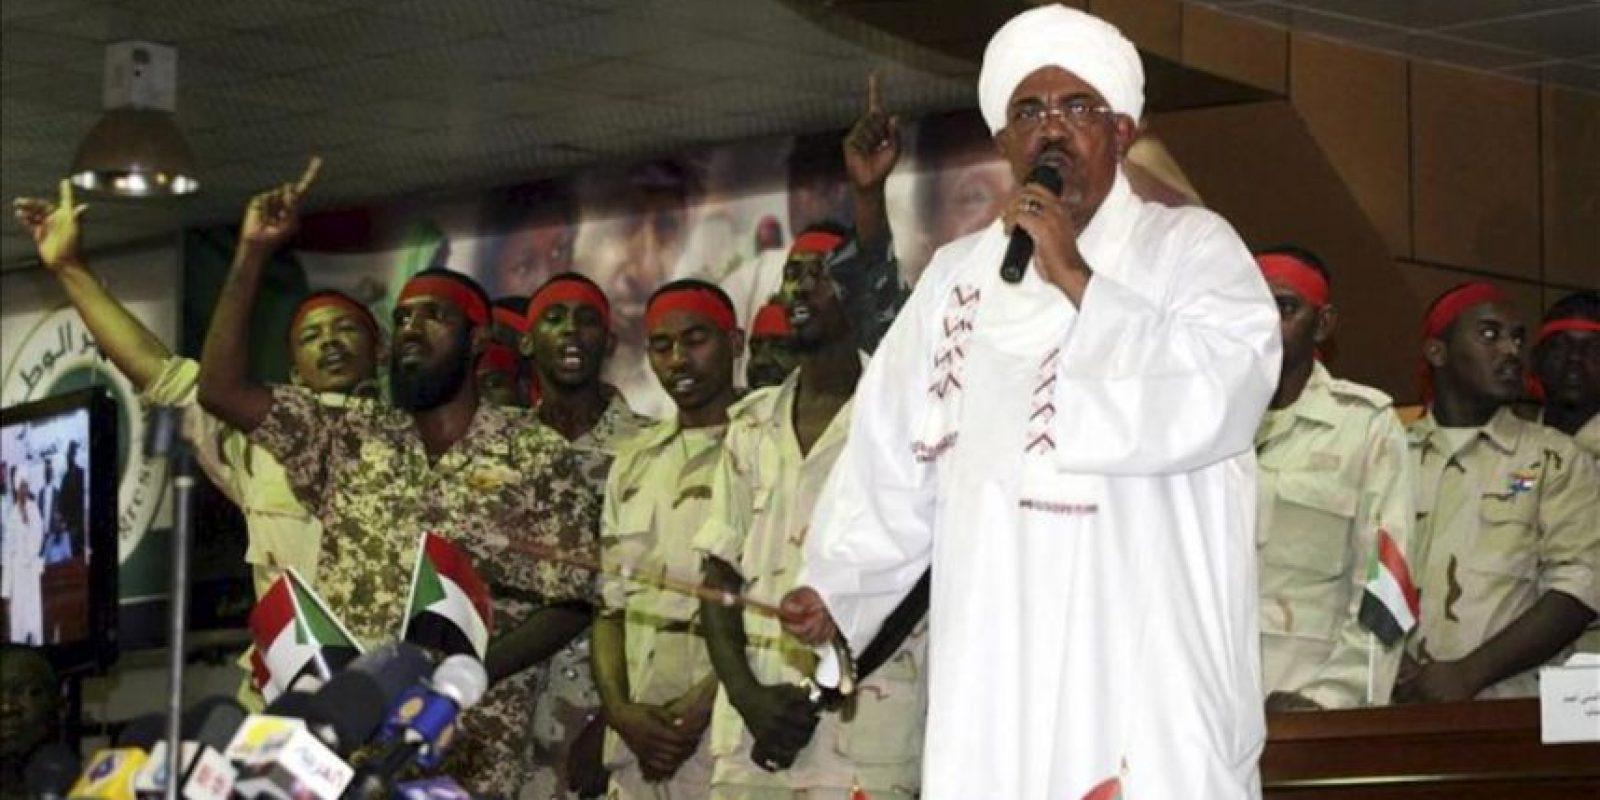 El presidente sudanés, Omar Hasán al Bashir, comparece durante un acto en apoyo al ejército sudanés, en Jartúm, Sudán. EFE